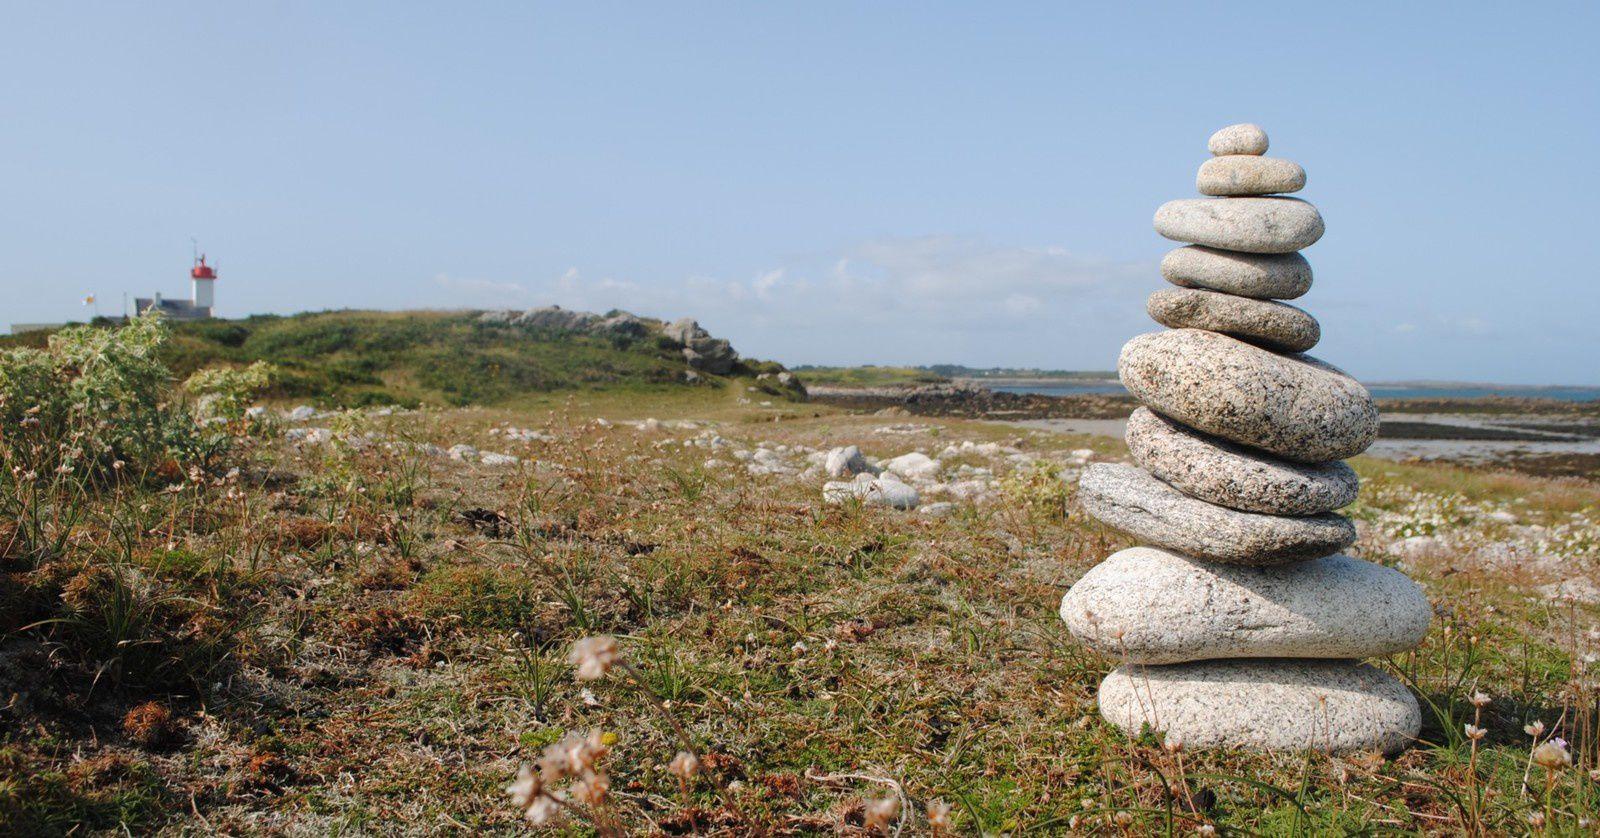 Cairn du phare de l'île Wrac'h  - Pays du Leon -  Plougerneau - Finistère